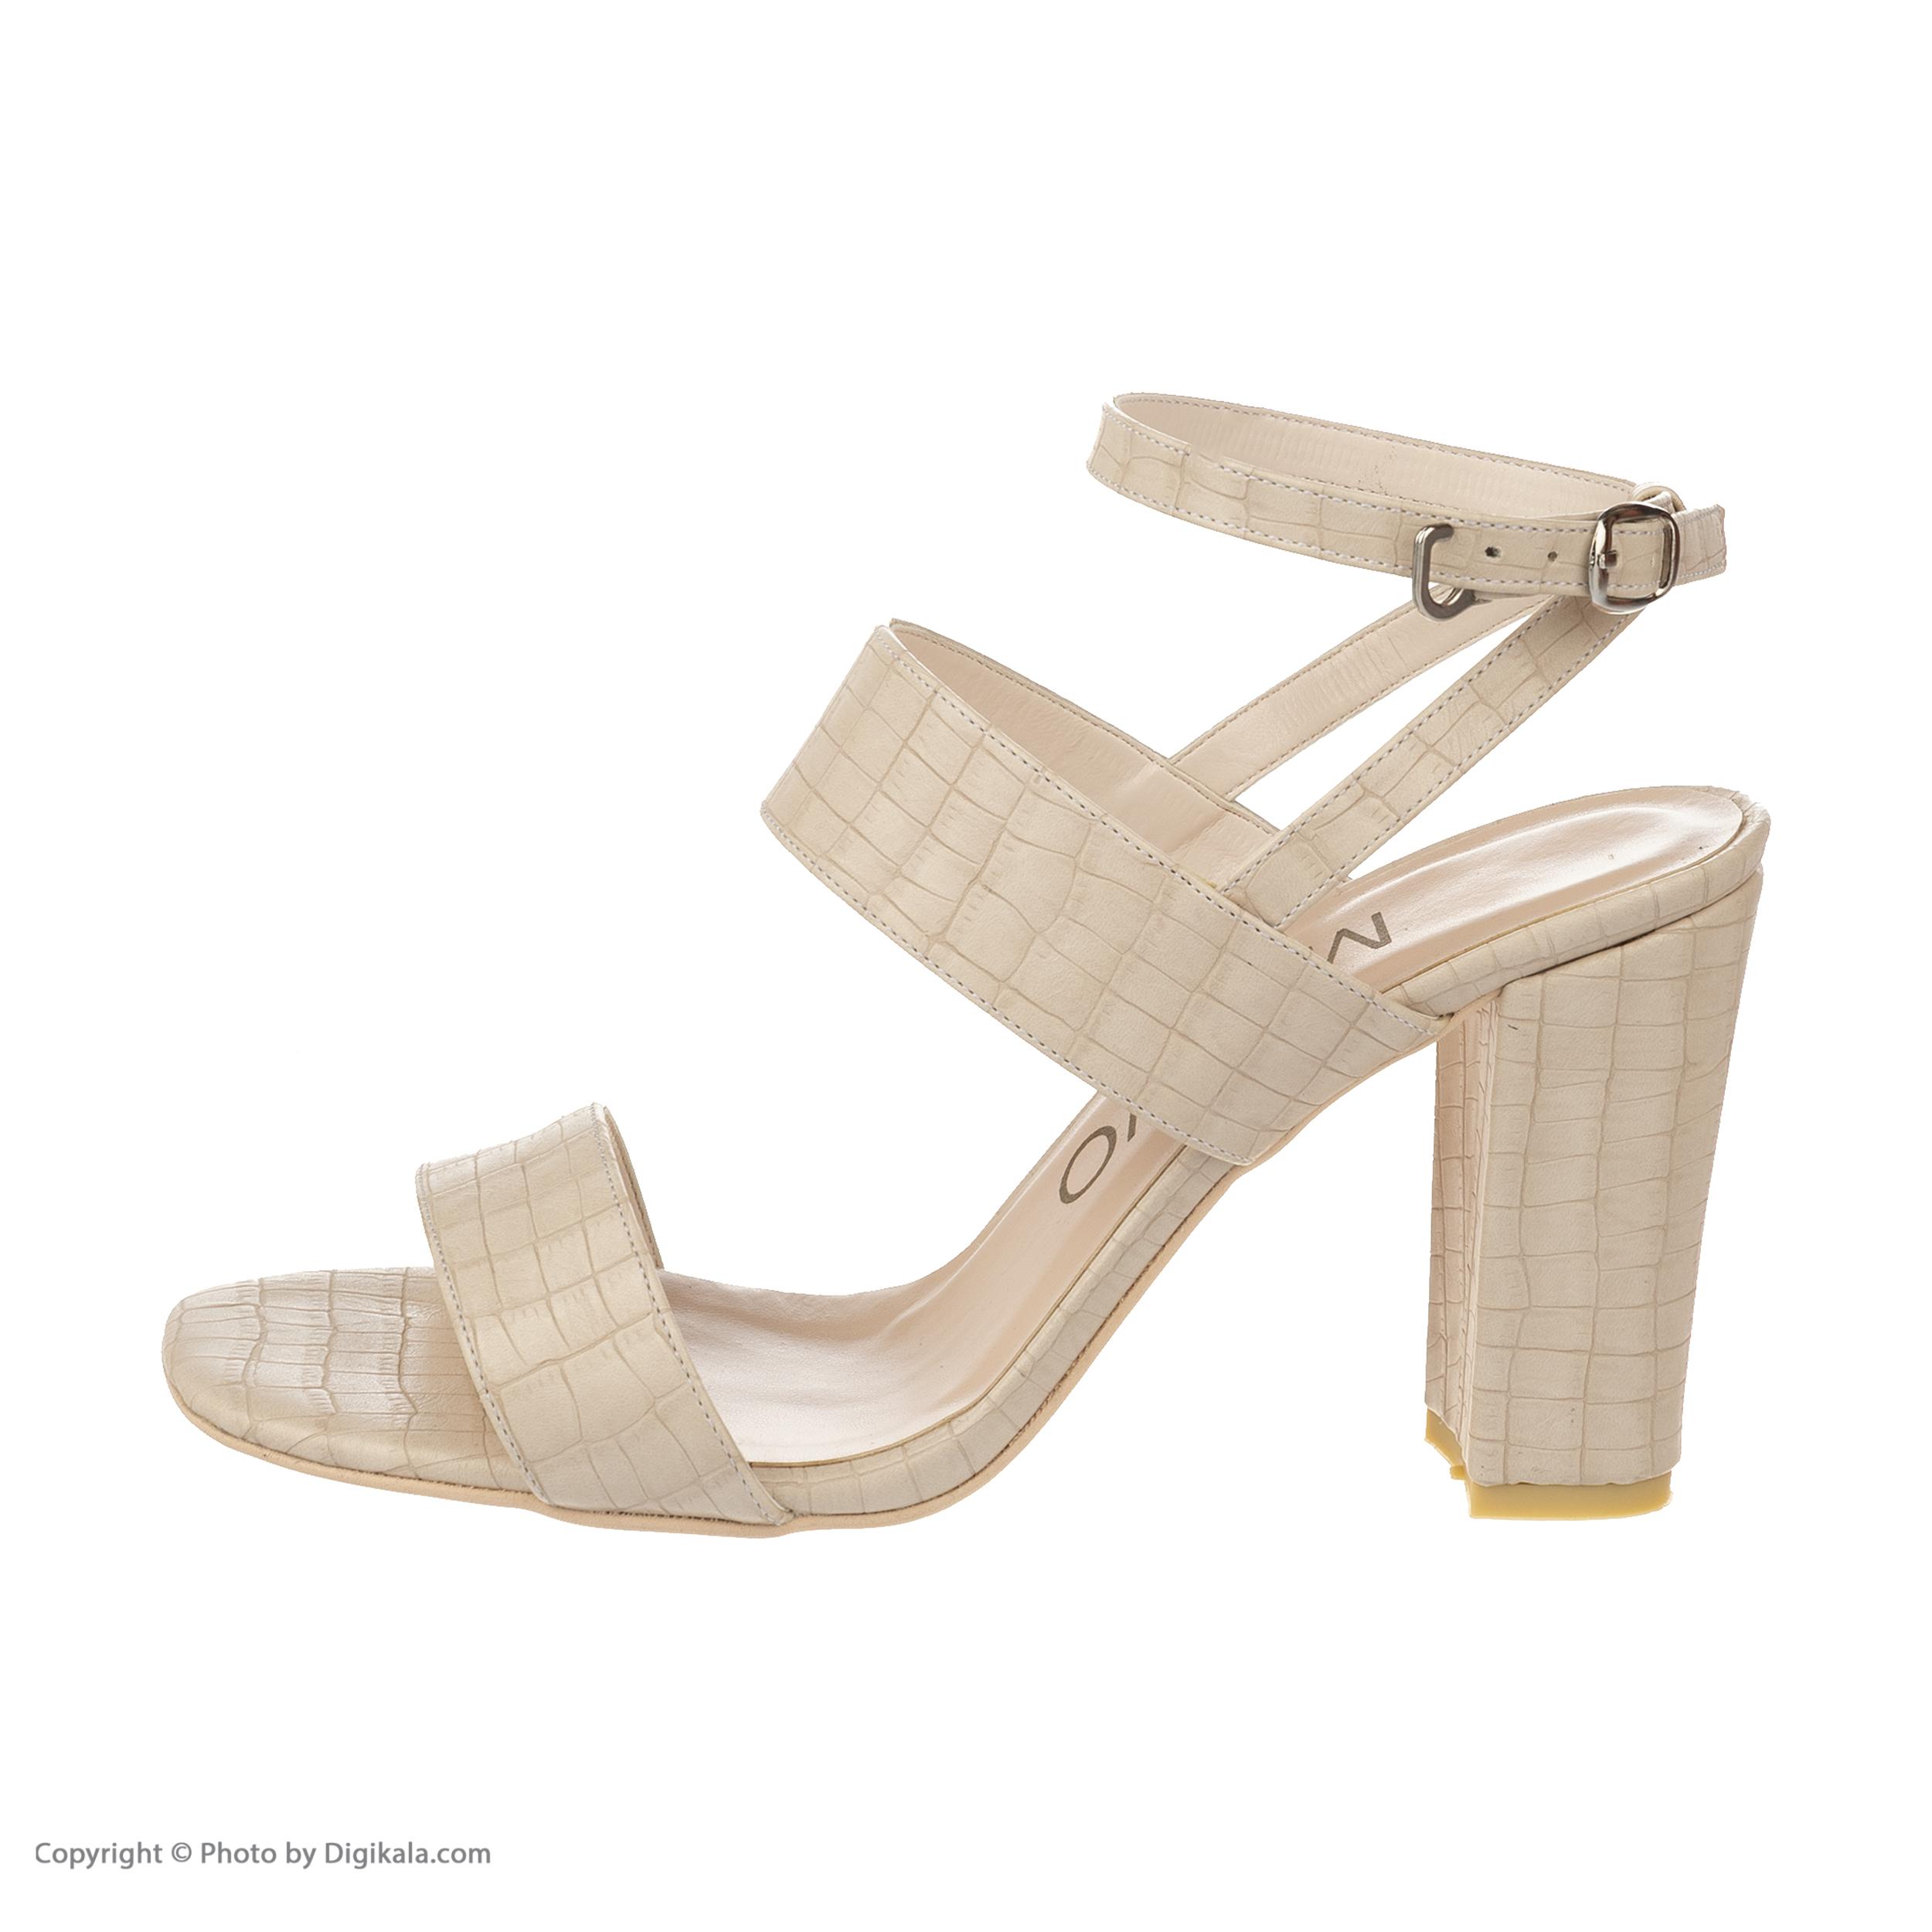 کفش زنانه ام تو مدل 41-1009 main 1 1